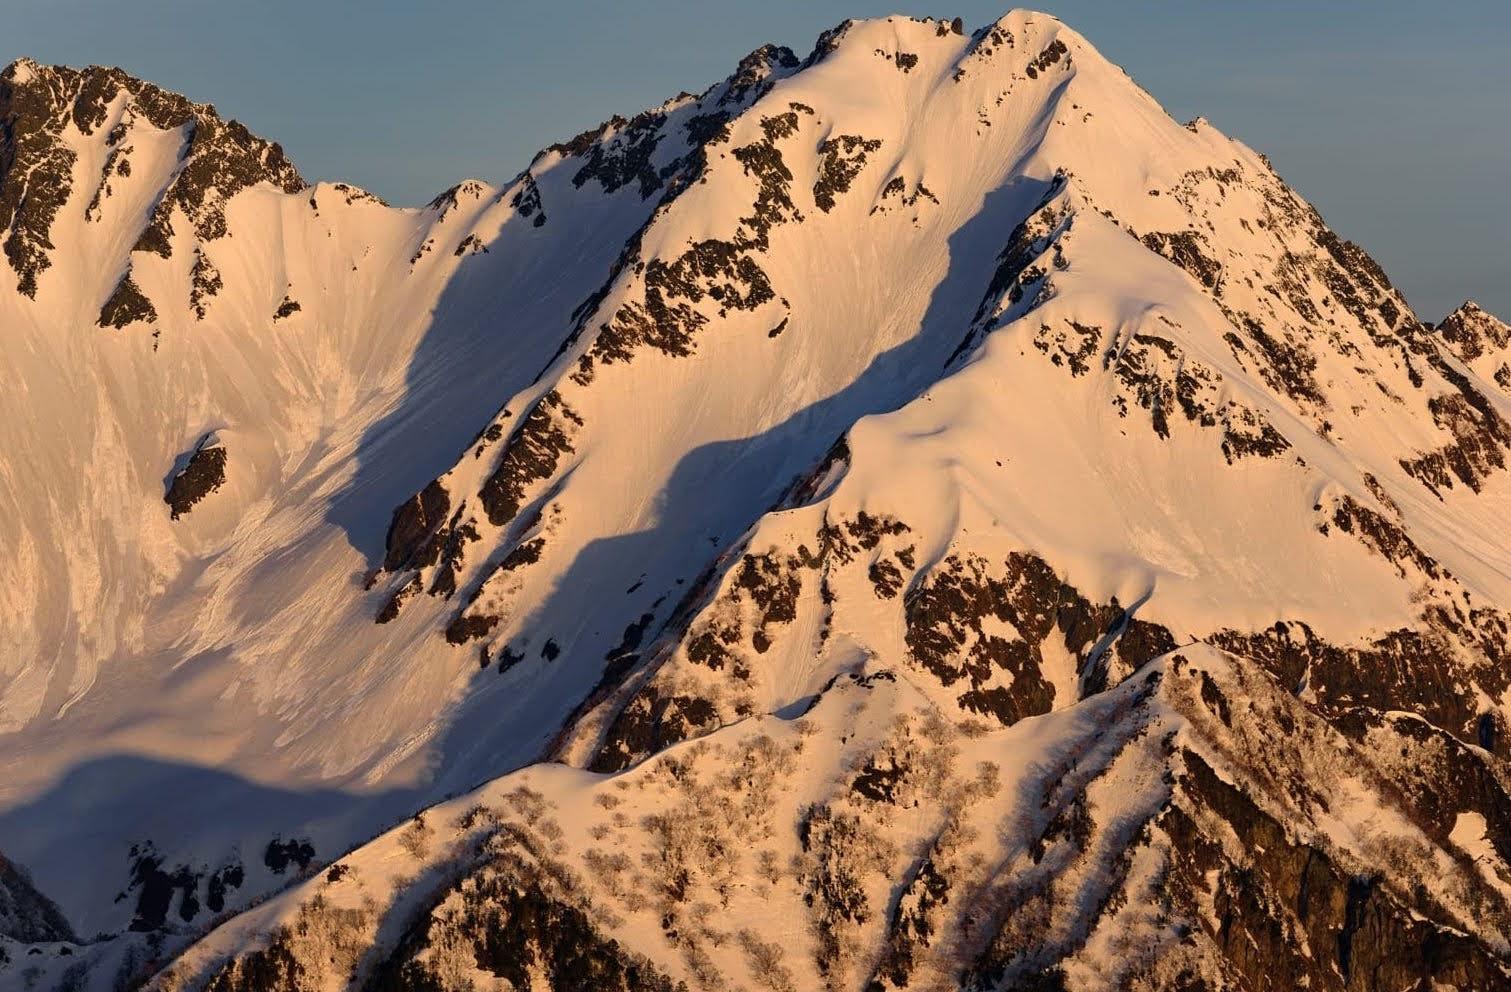 山岳写真における標準・広角・望遠レンズの使い方とそれぞれの特徴や注意点